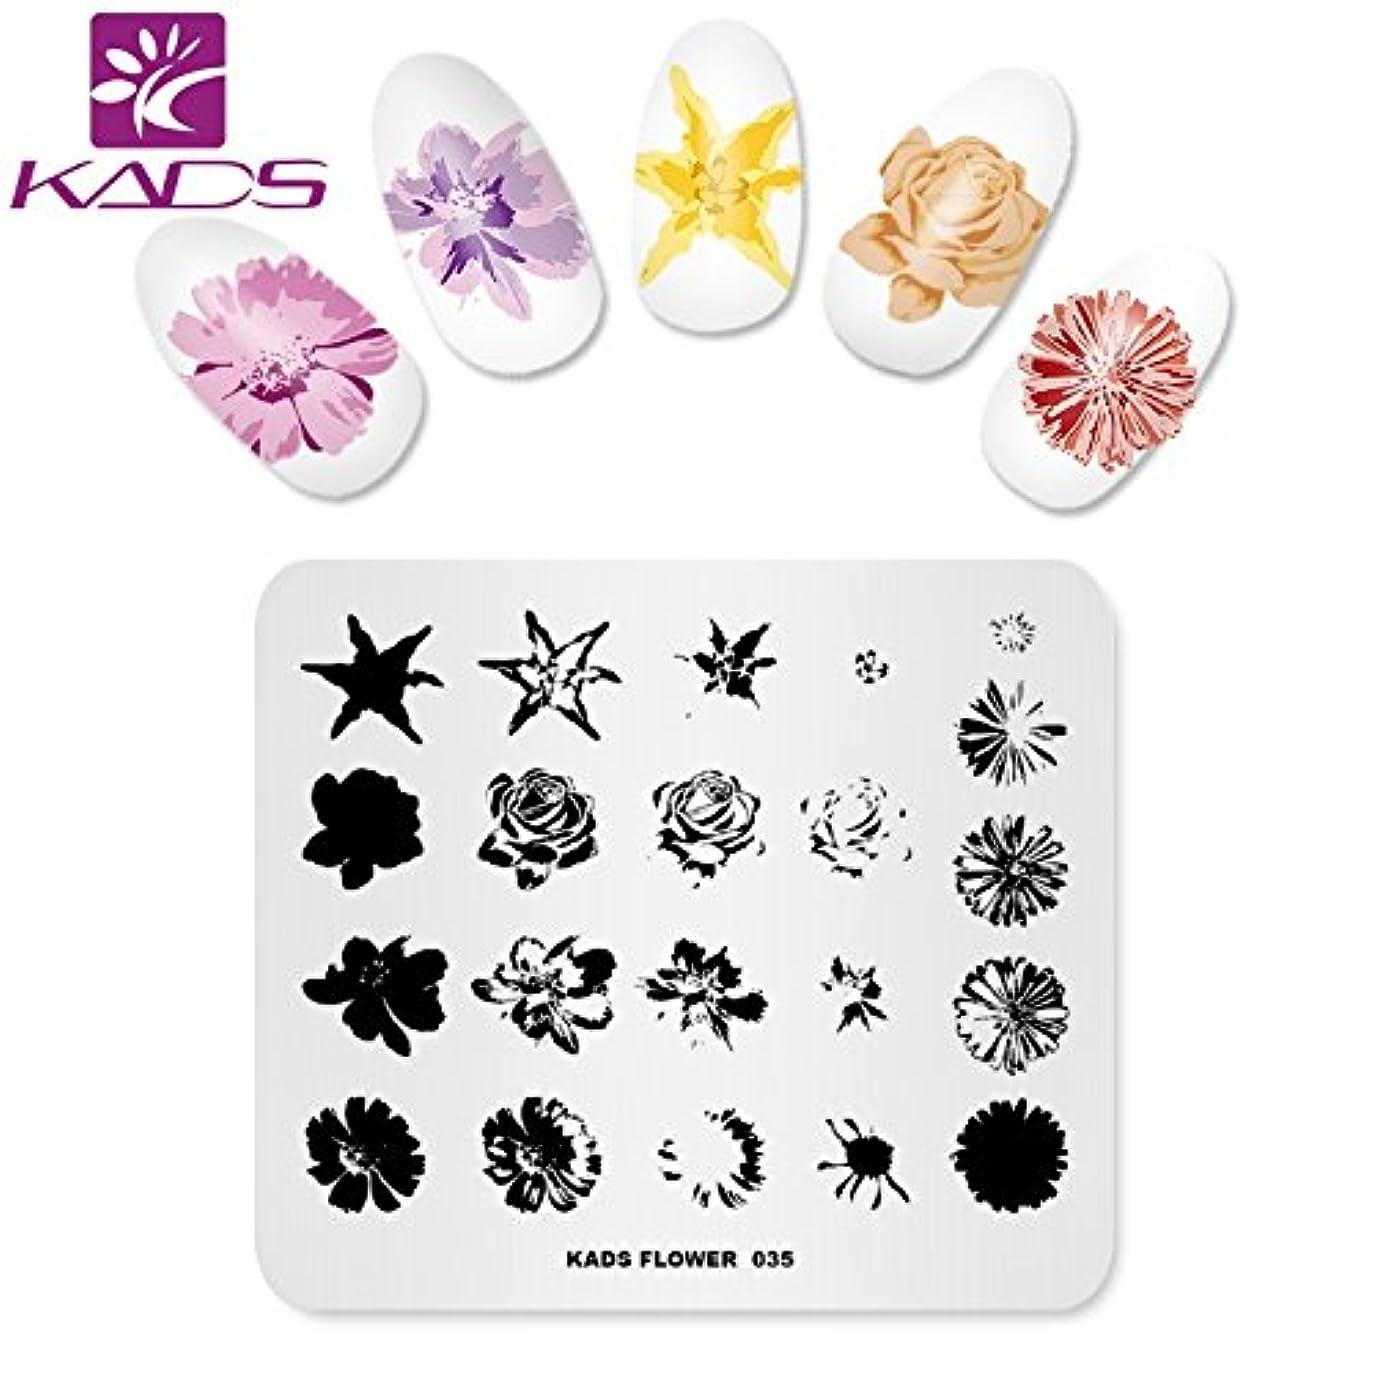 KADS ネイルプレート 美しい花柄 ネイルステンシル ネイルイメージプレート (FL035)